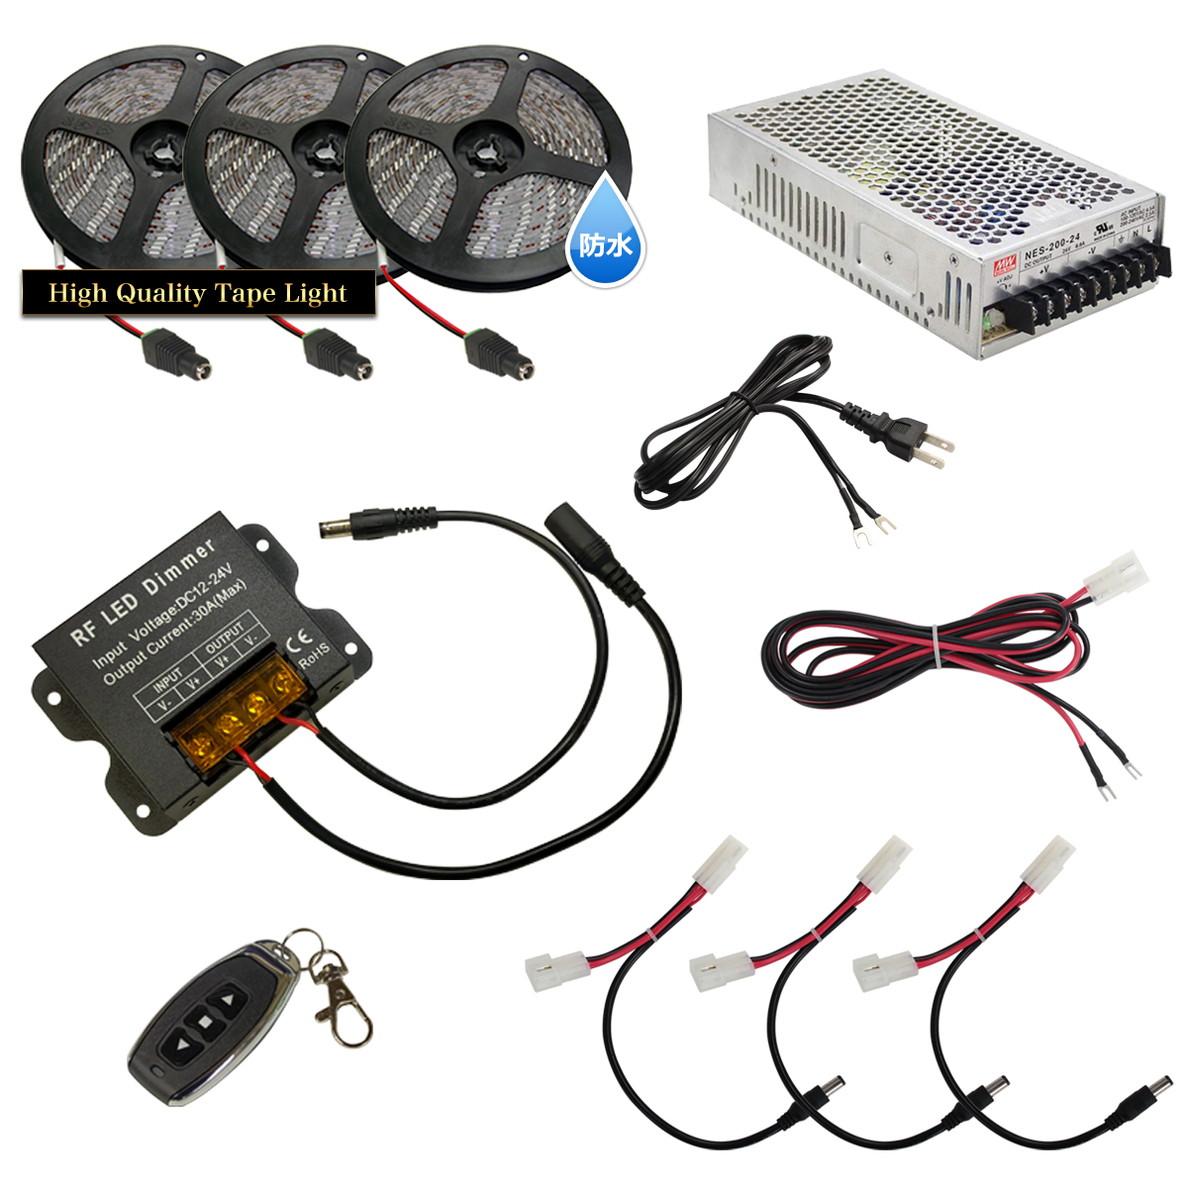 【らくらく300cm×3本セット】 防水3チップ LEDテープライト(RoHS対応) +調光器+対応アダプター付き